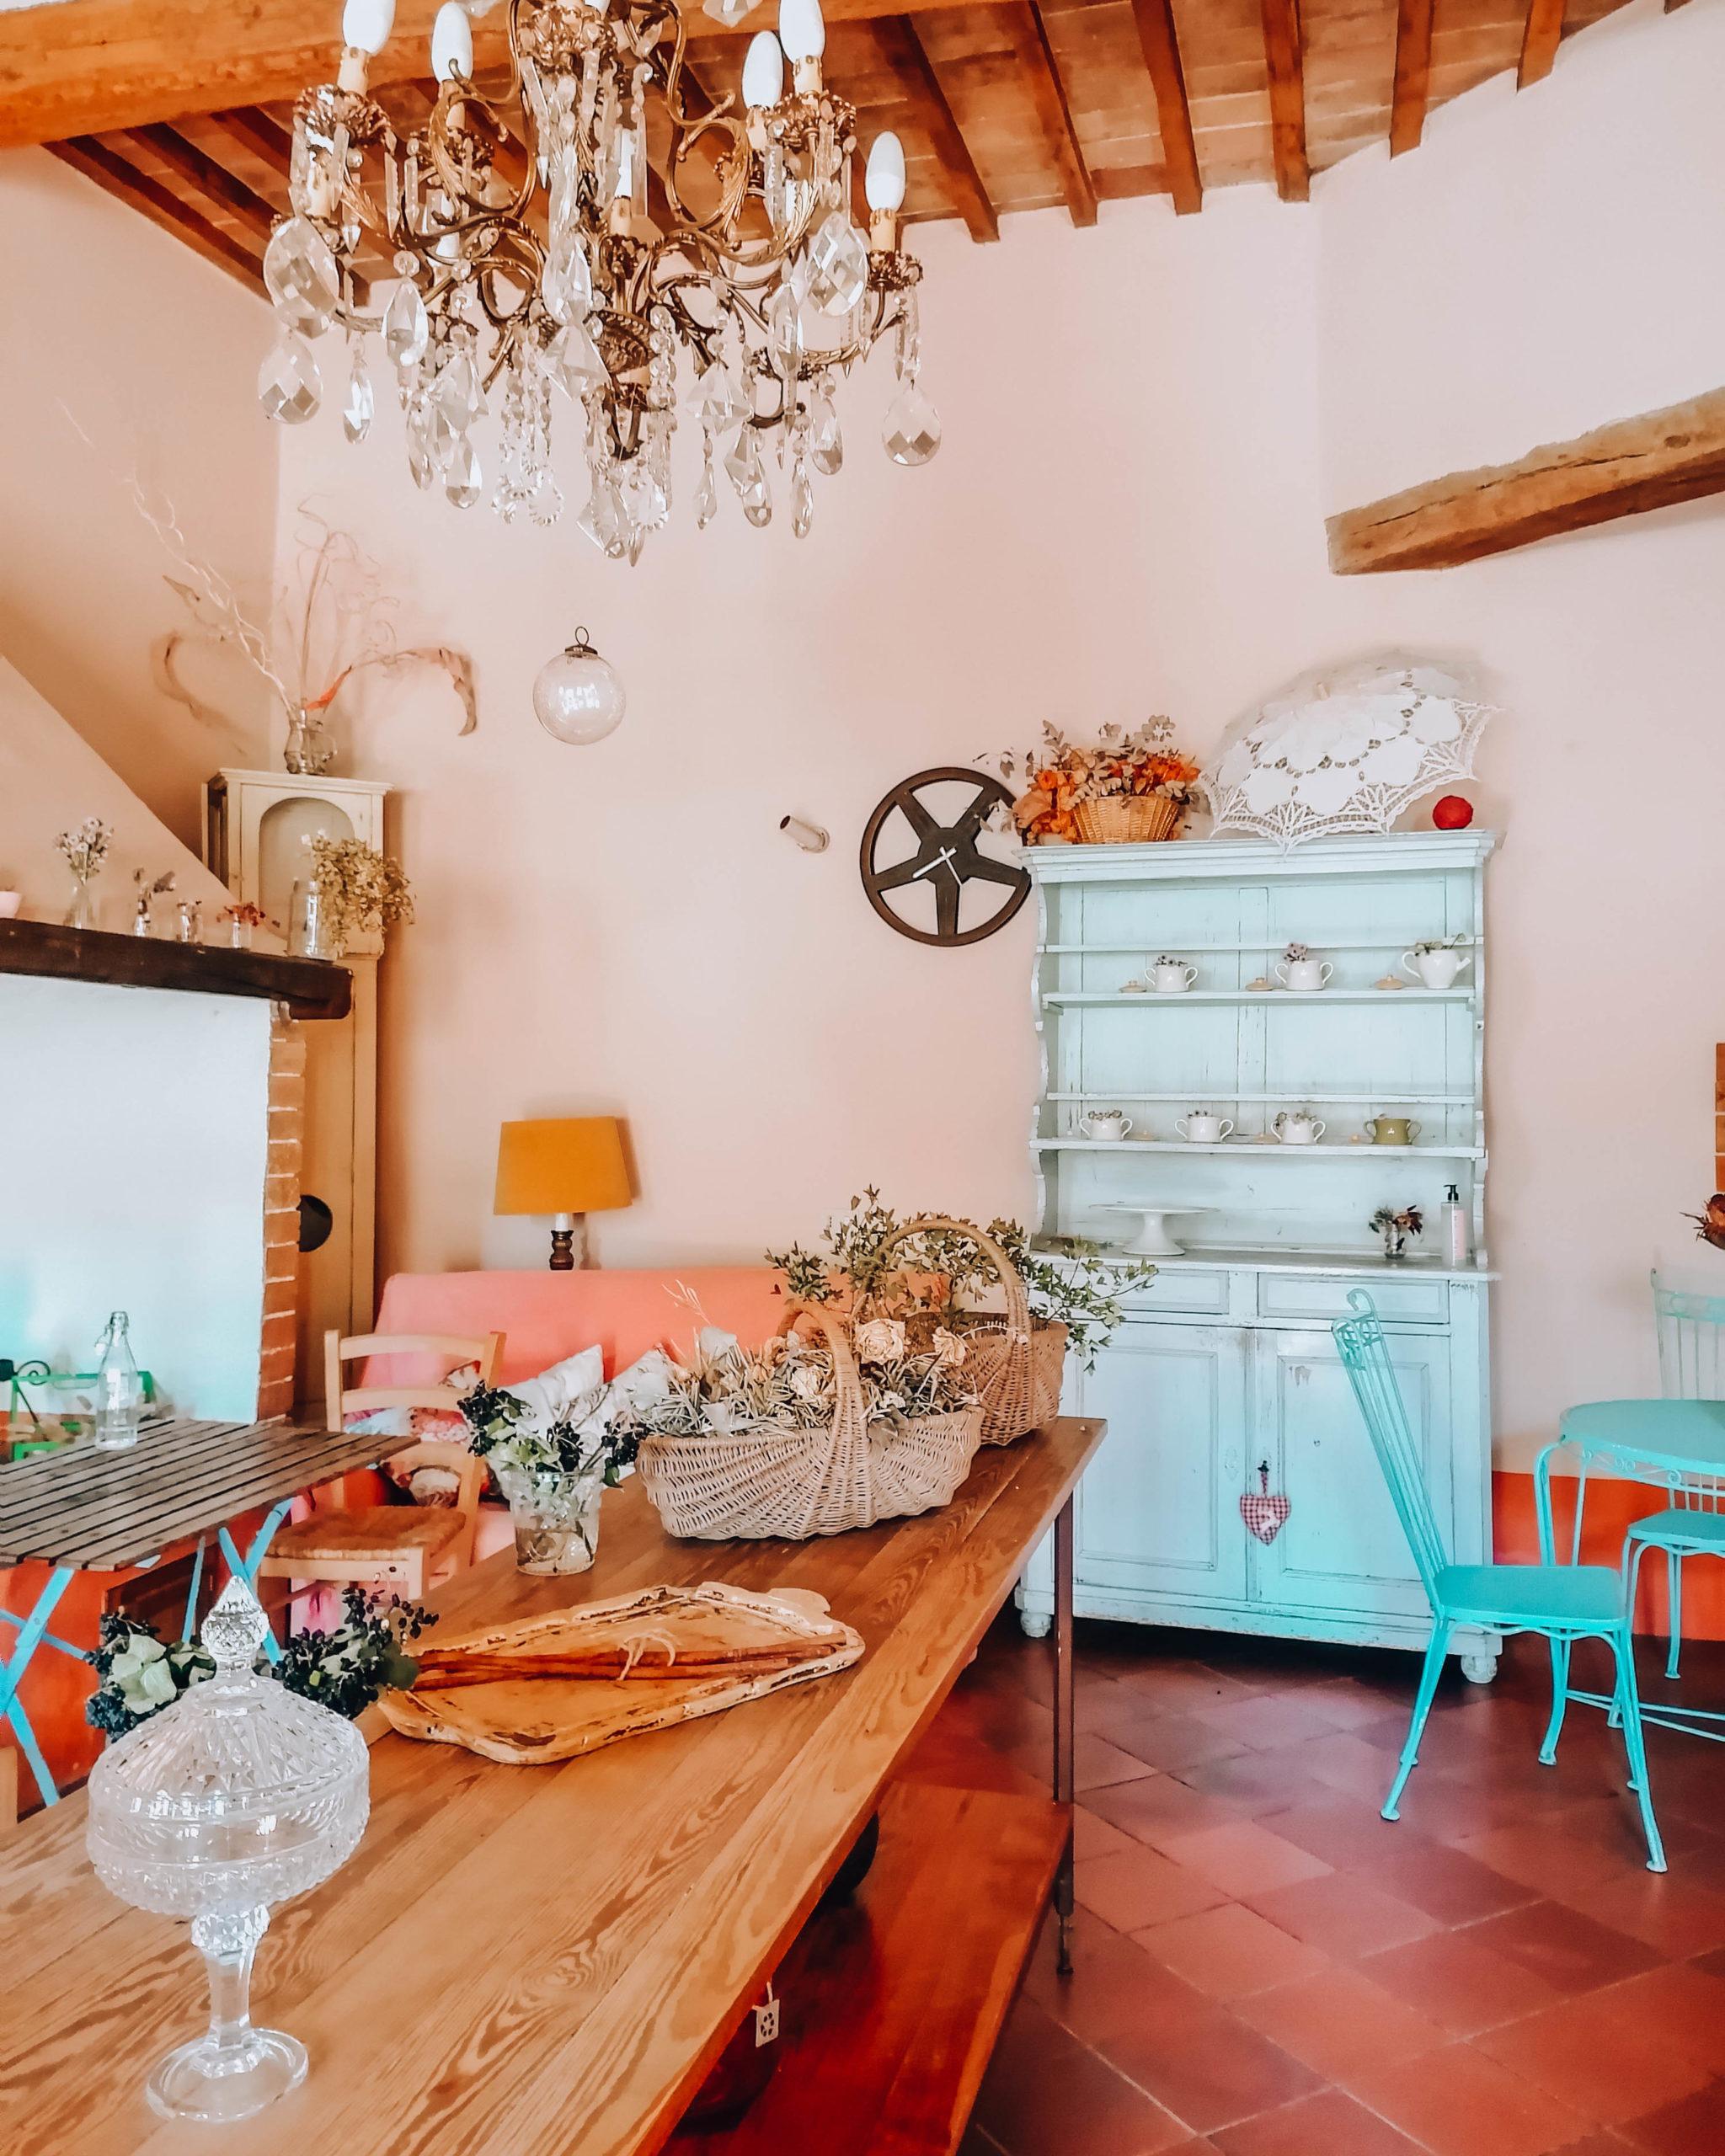 interno di b&b con mobili in legno color pastello